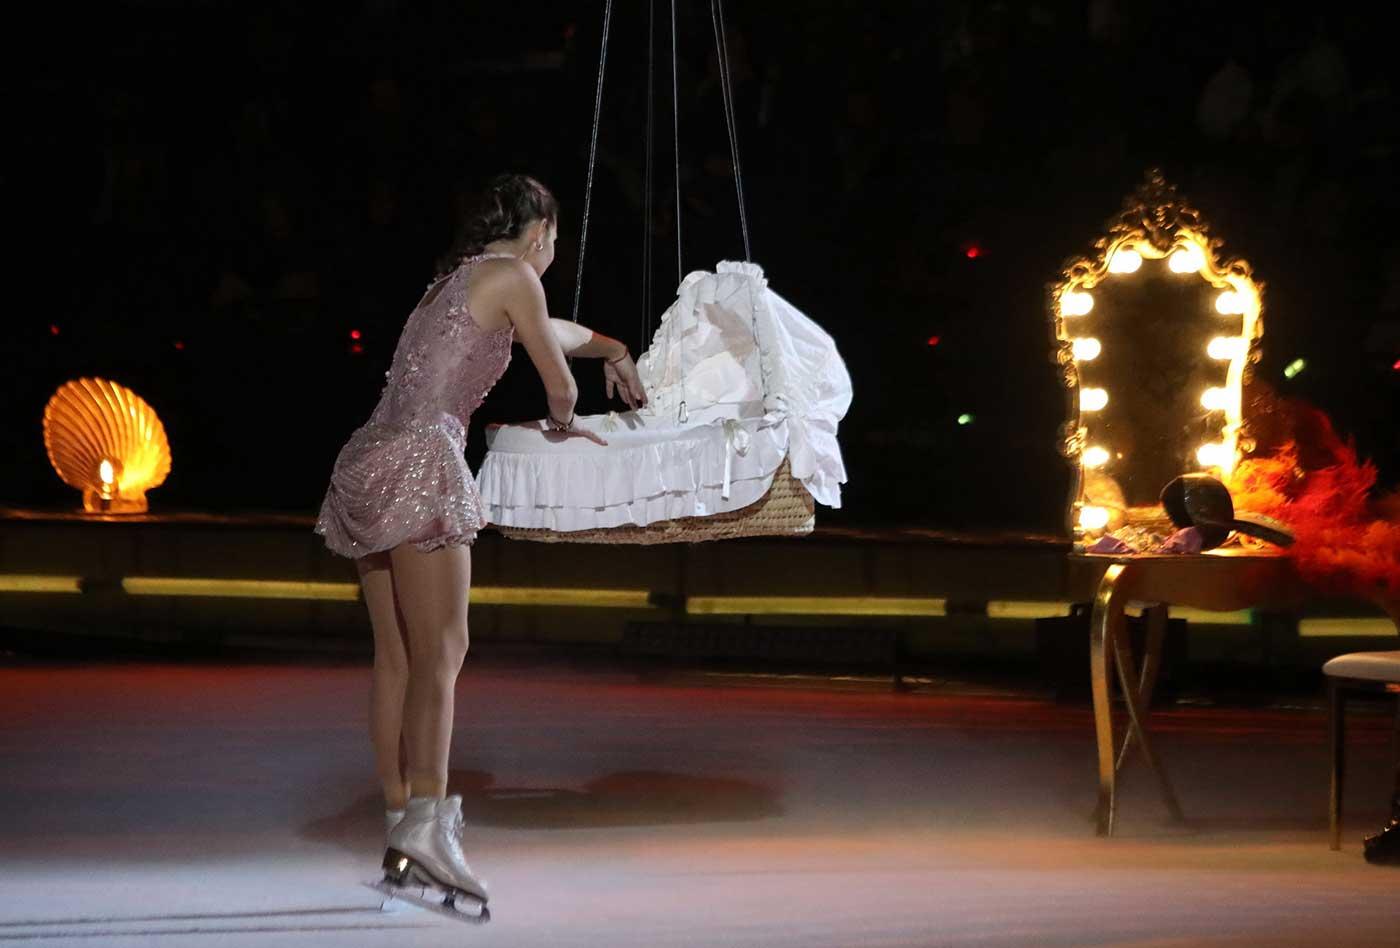 Ледовые шоу-6 - Страница 36 Adelina-sotnikova-3024239